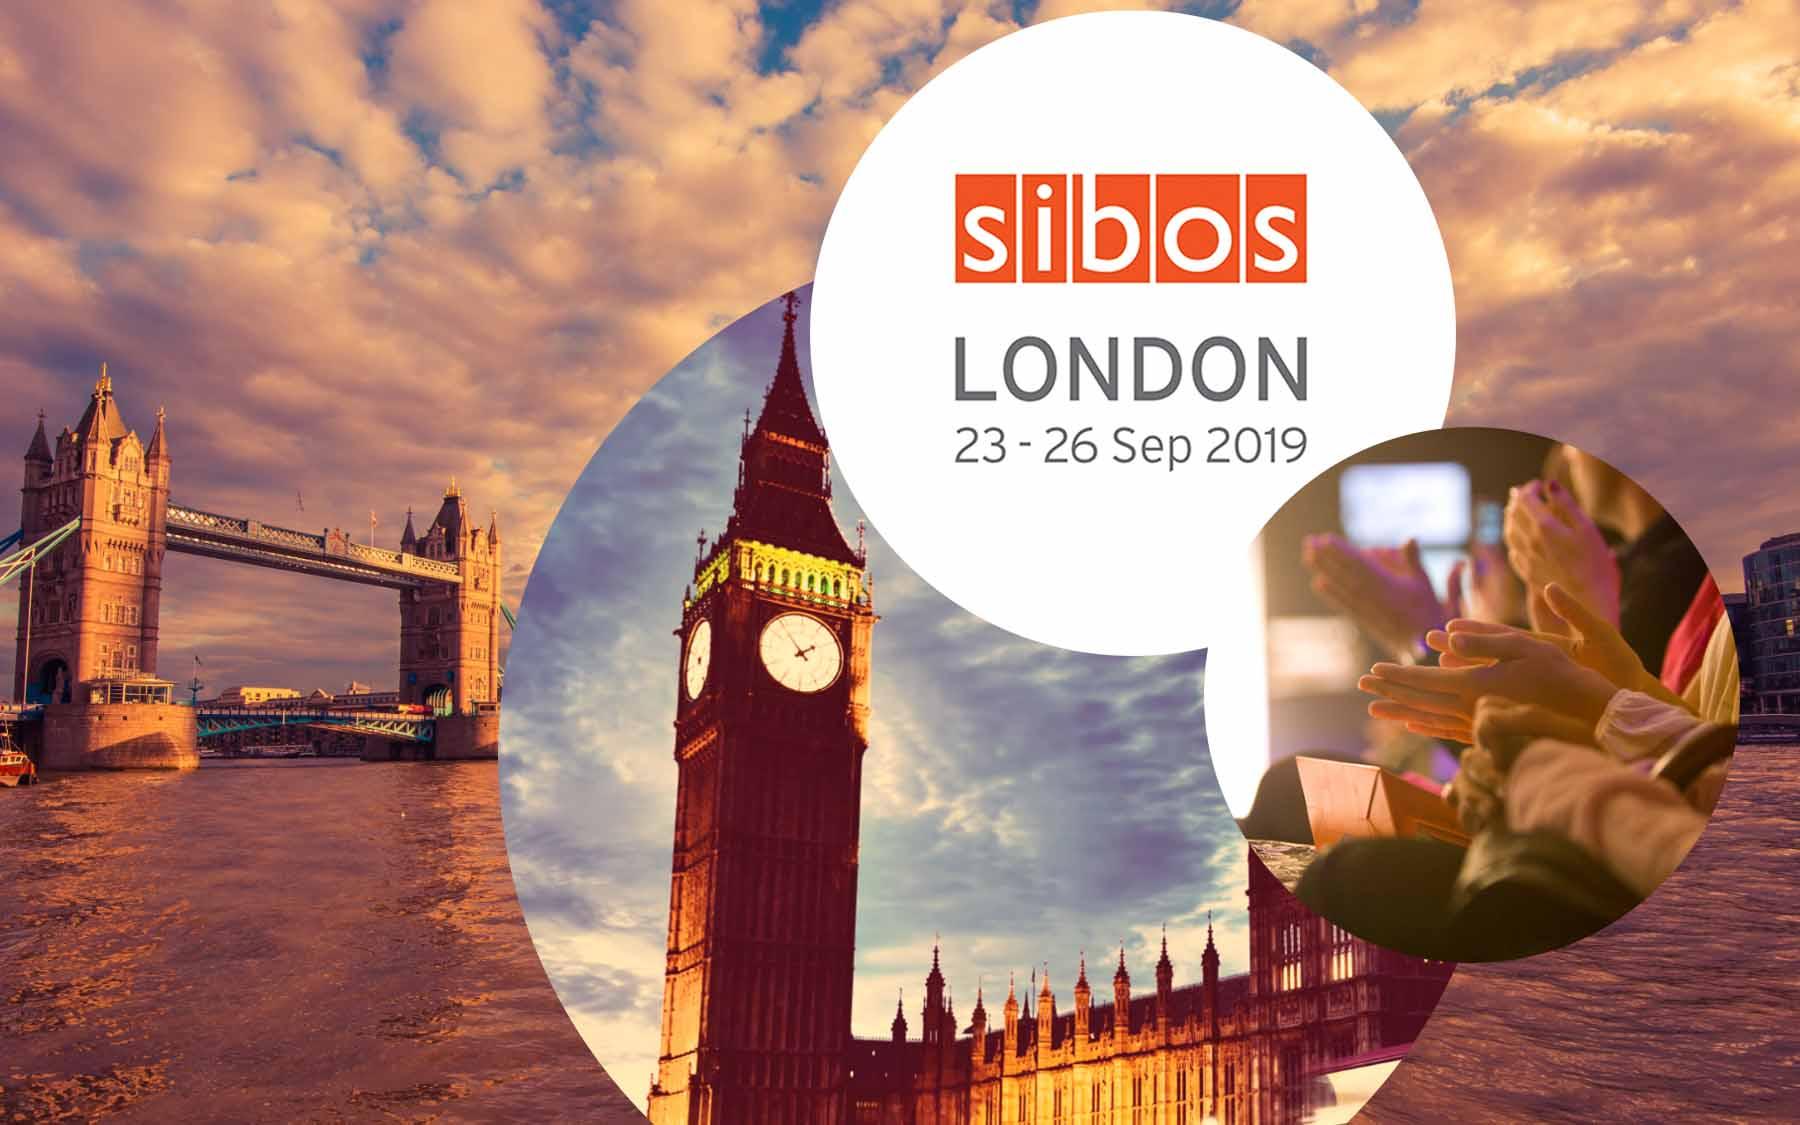 Logo von SIBOS, daneben ein Bild von applaudierenden Menschen und dahinter Stadtansichten von London, valantic at SIBOS in London